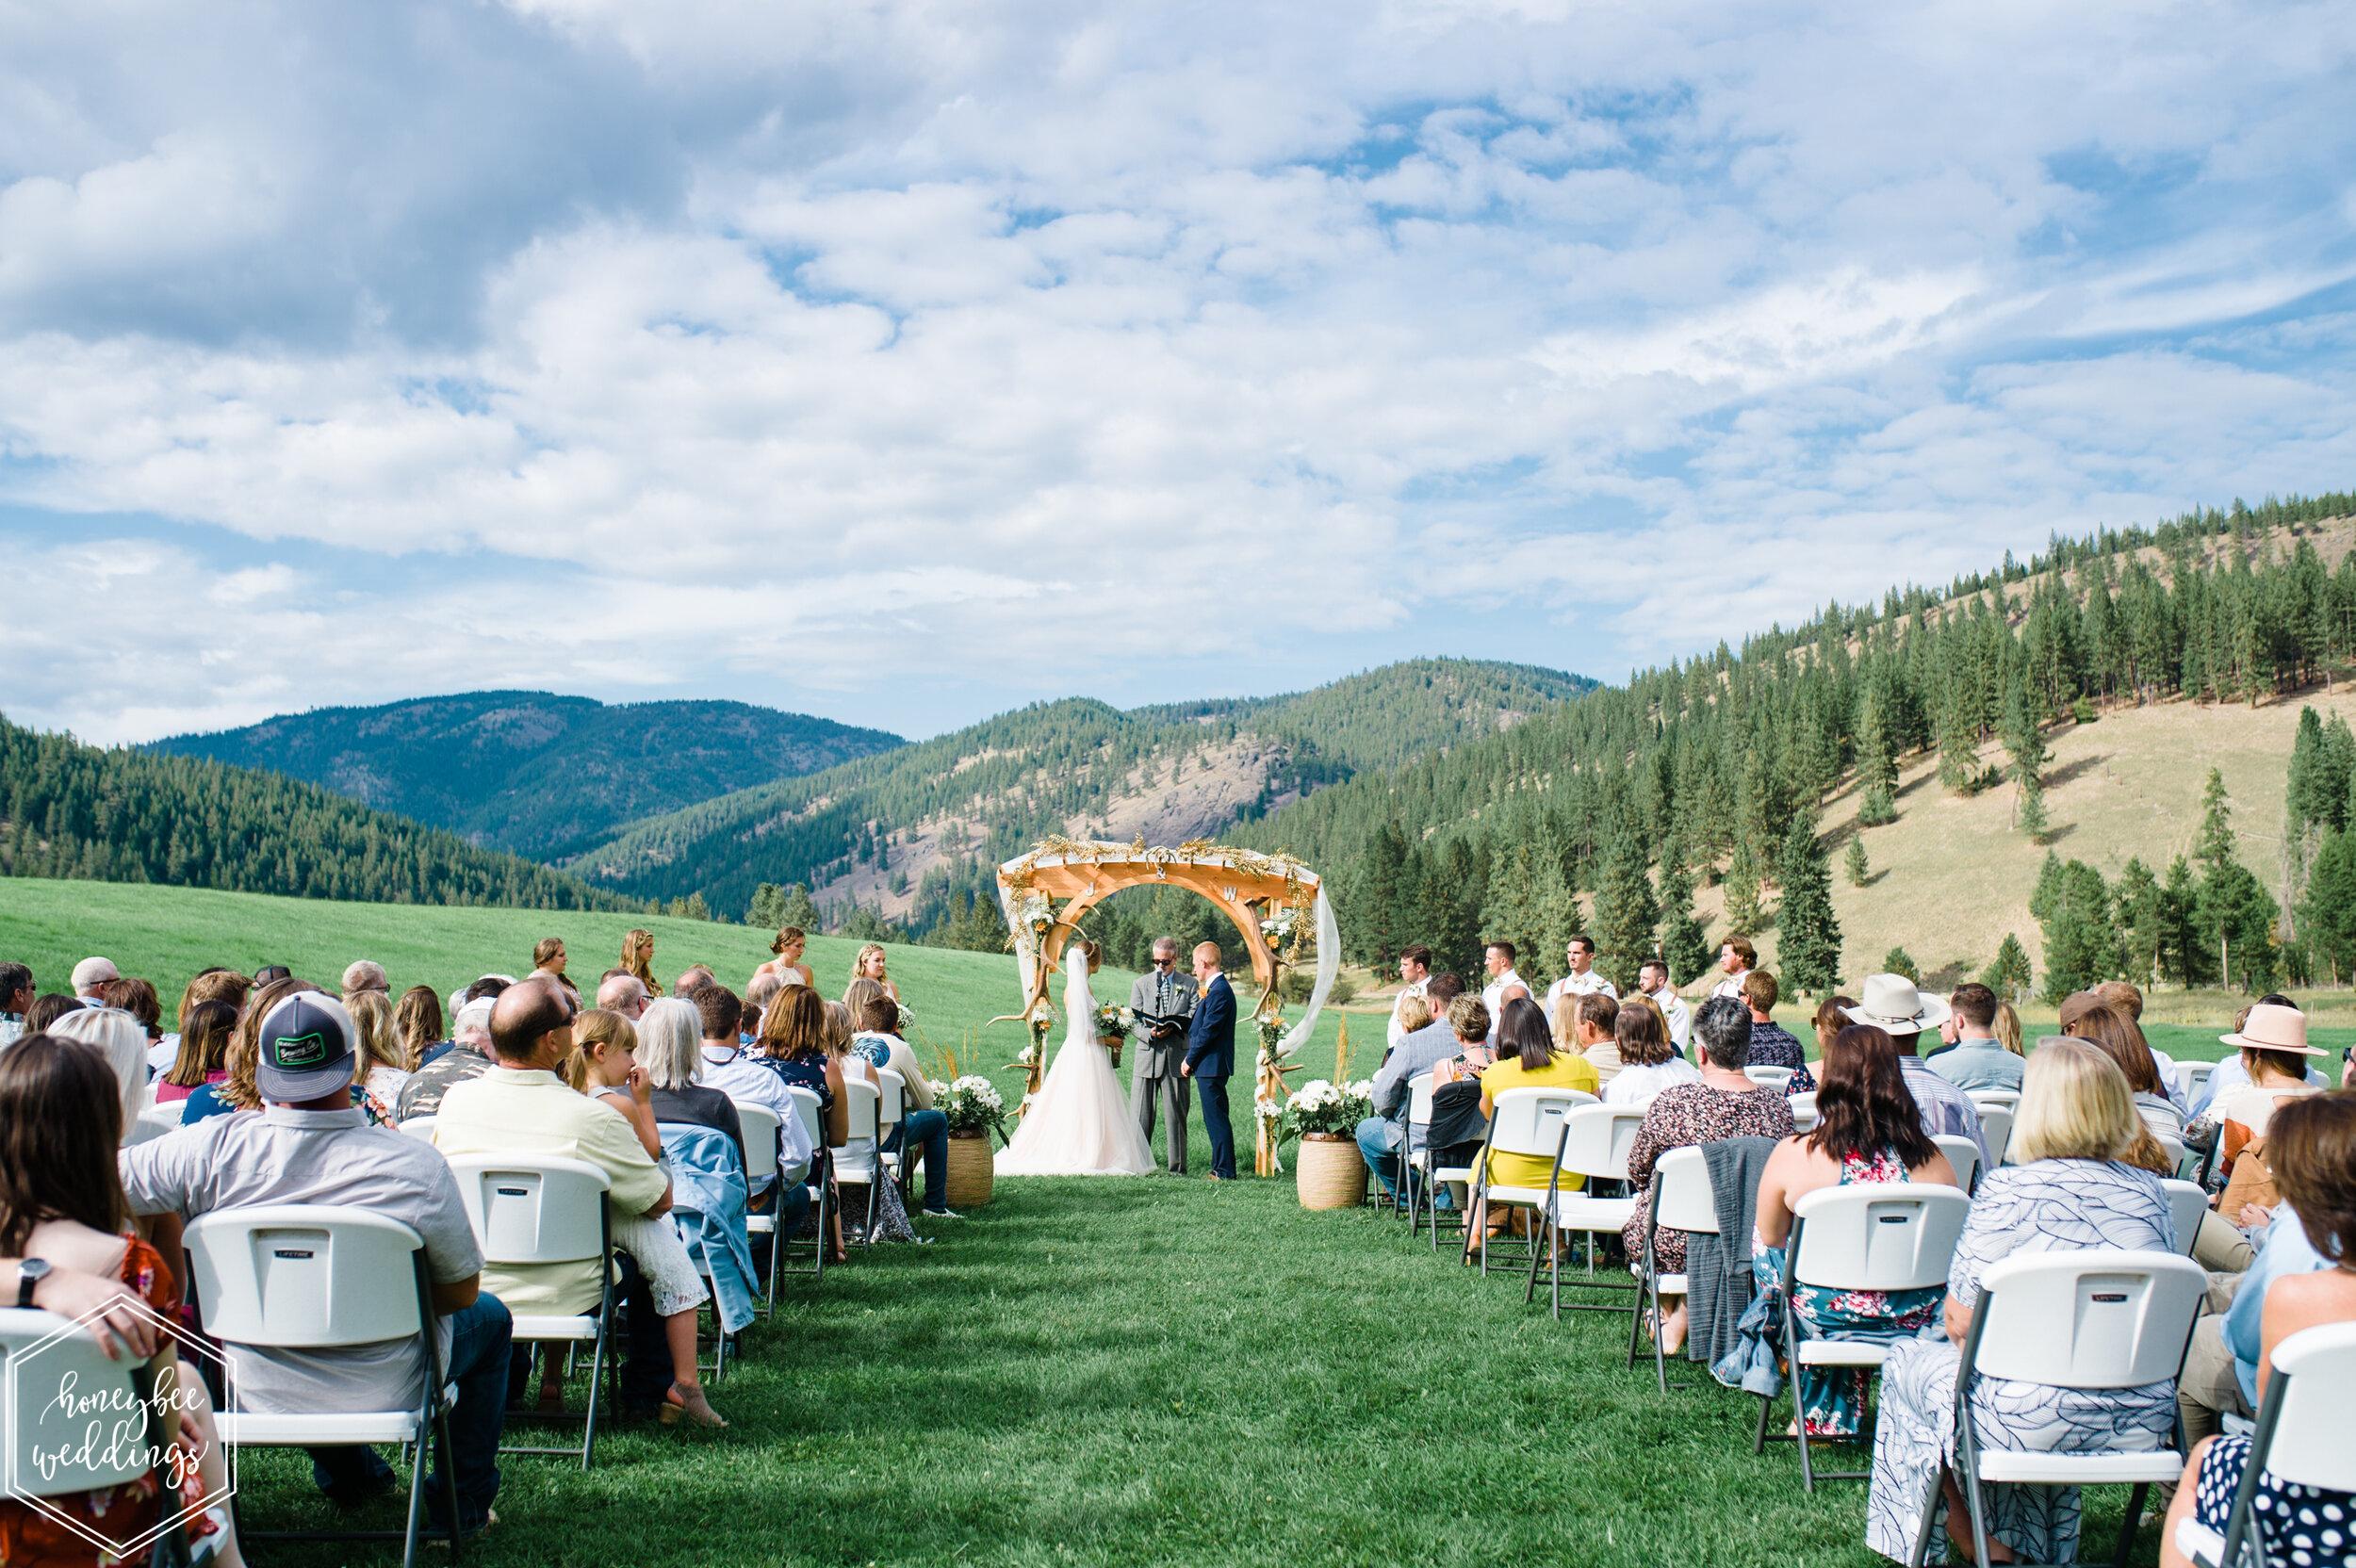 084Seven Mile Meadows Wedding_Montana Wedding Photographer_Jamie & Wes_Honeybee Weddings_September 07, 2019-1398.jpg